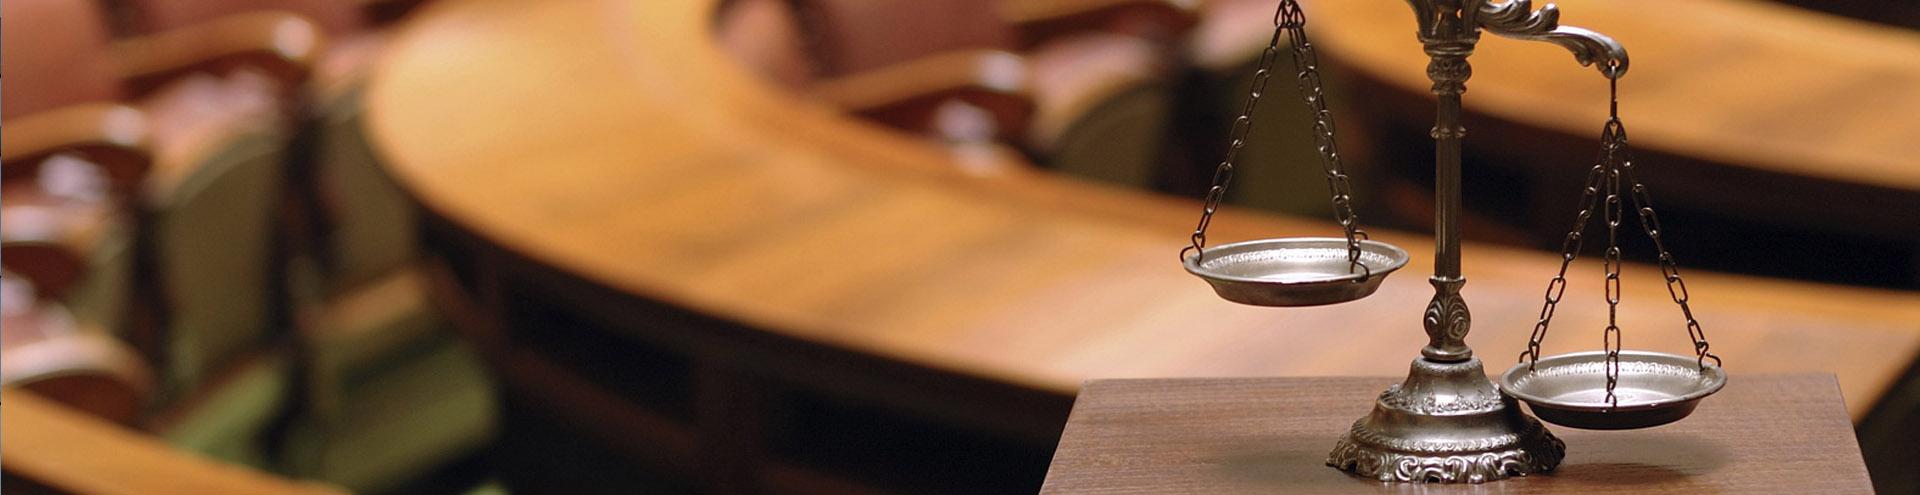 Представительство в арбитражном суде в Липецке и Липецкой области